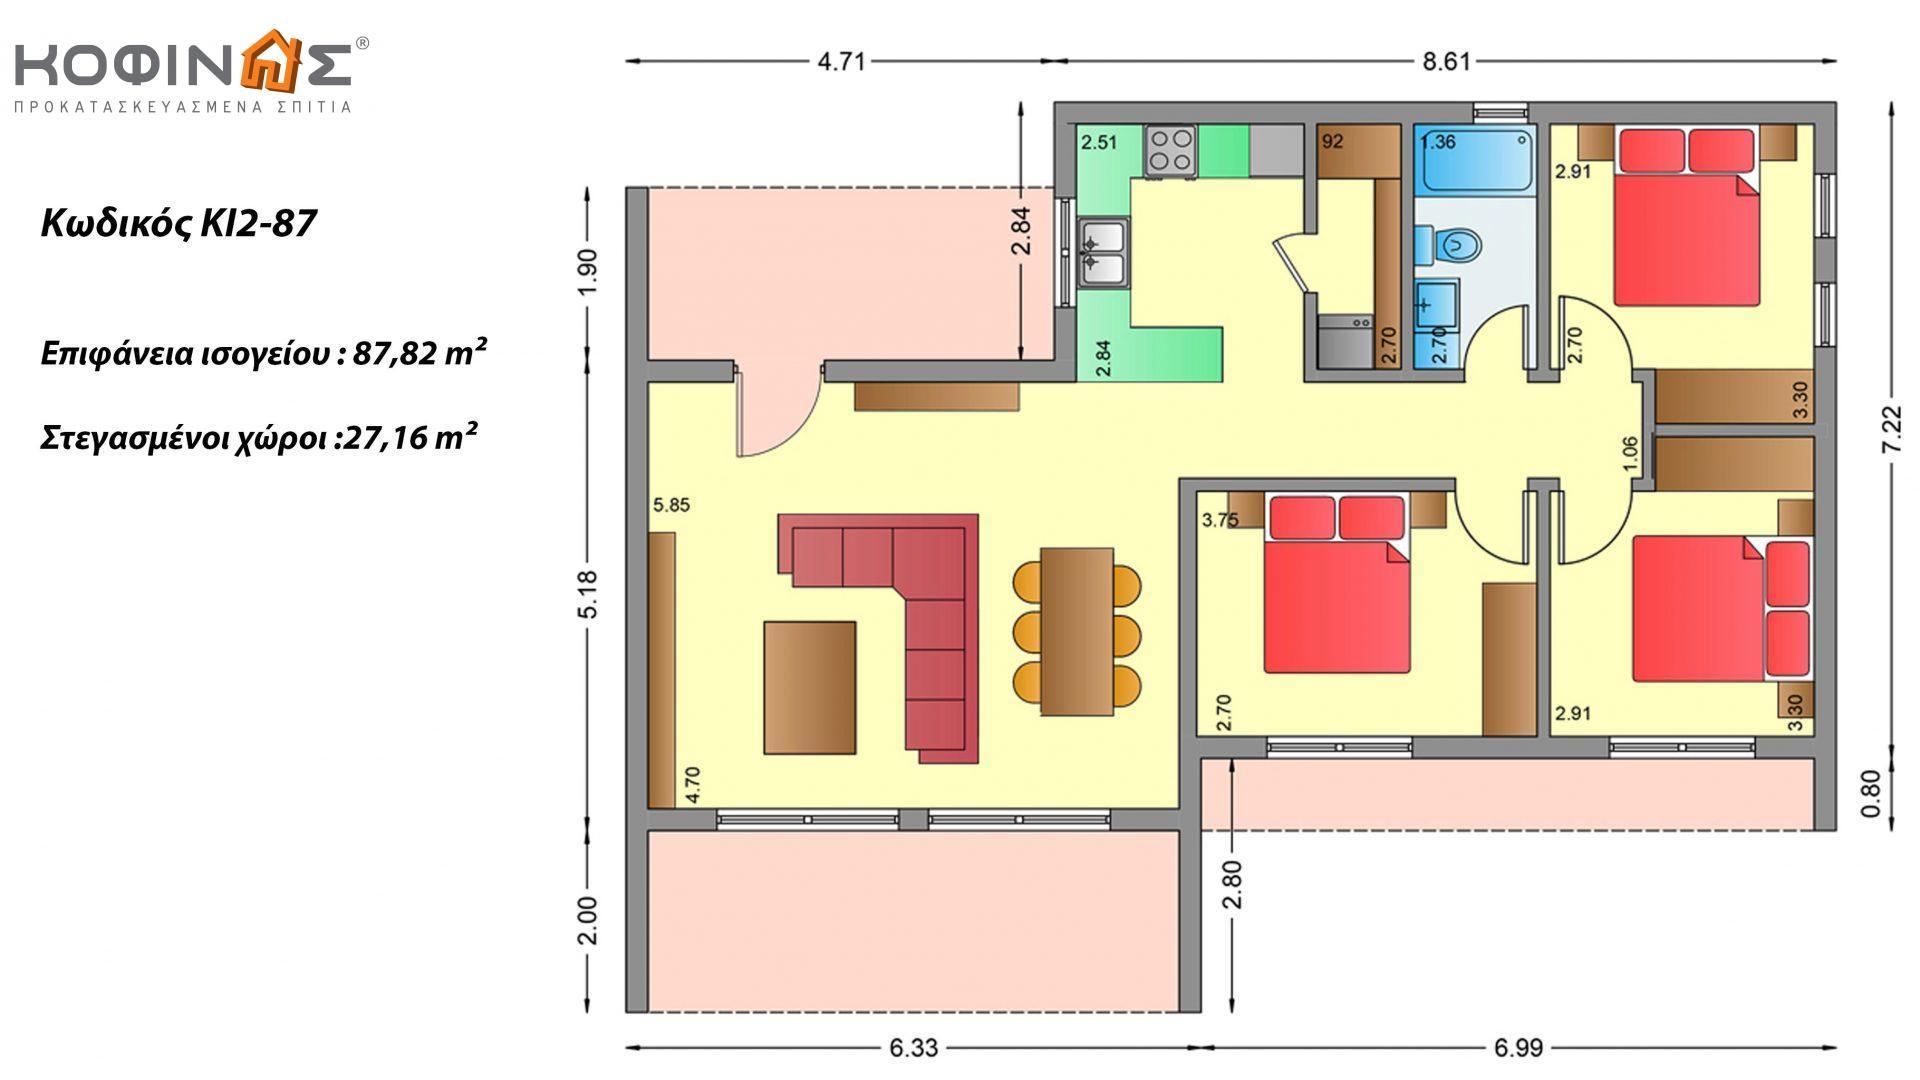 Ισόγεια Κατοικία ΚI2-87 συνολικής επιφάνειας 87,82 τ.μ., στεγασμένοι χώροι 27,16 τ.μ